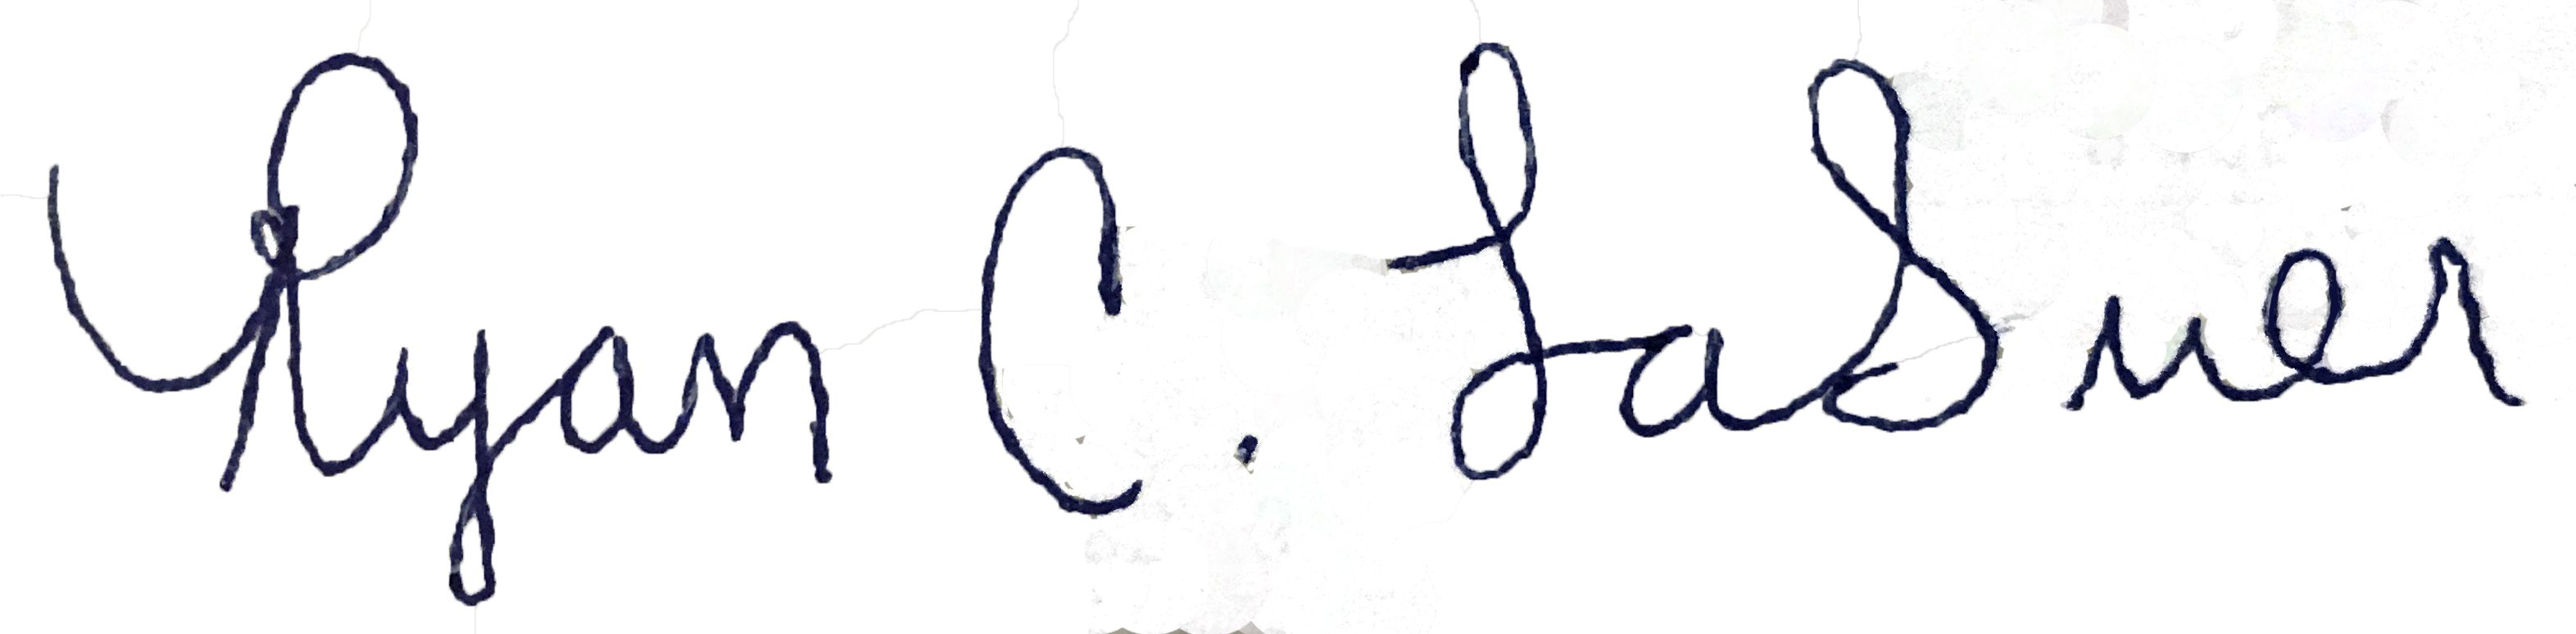 Ryansignature